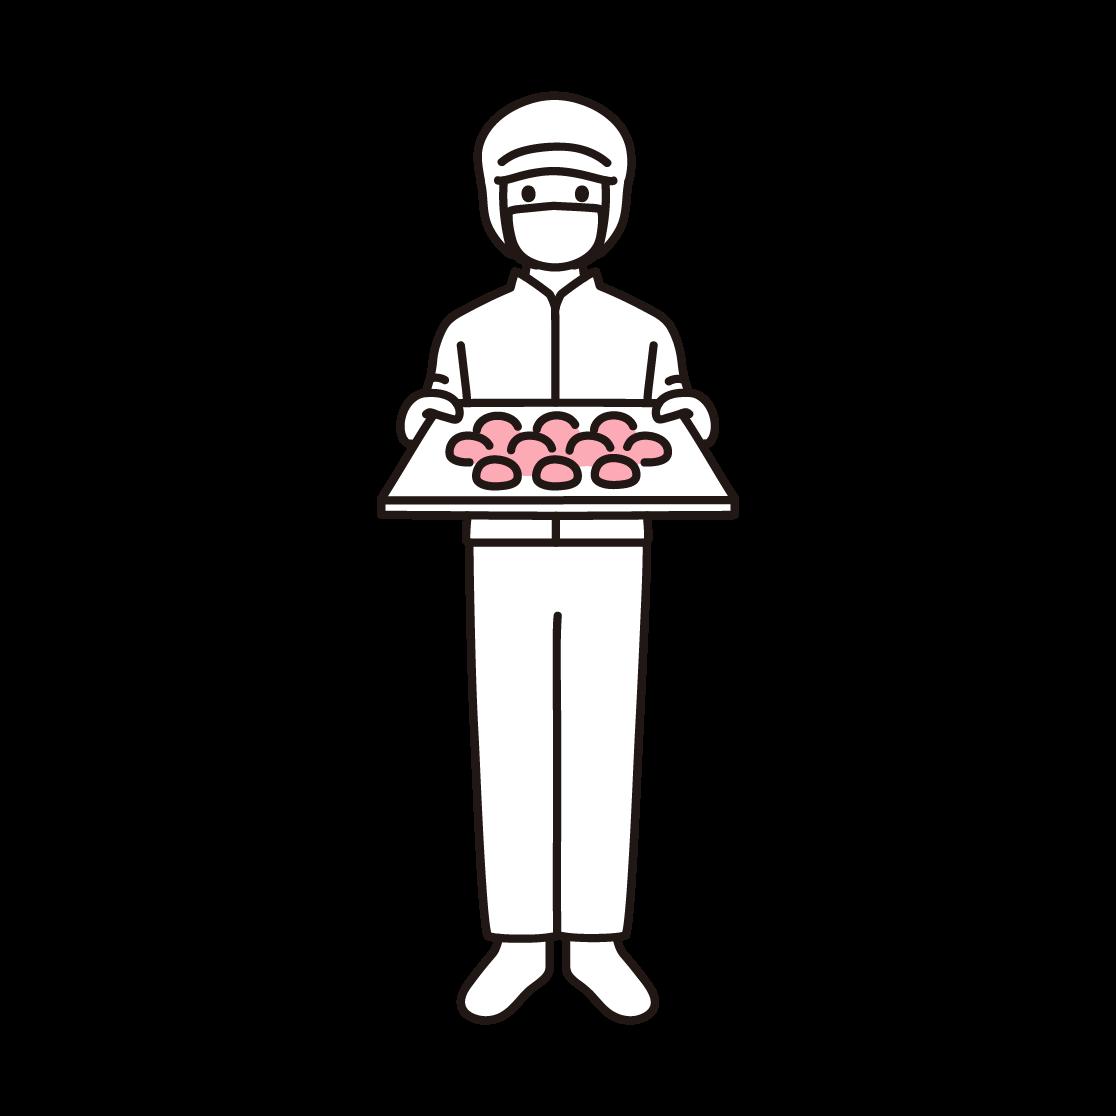 パン工場の男性スタッフの単色イラスト